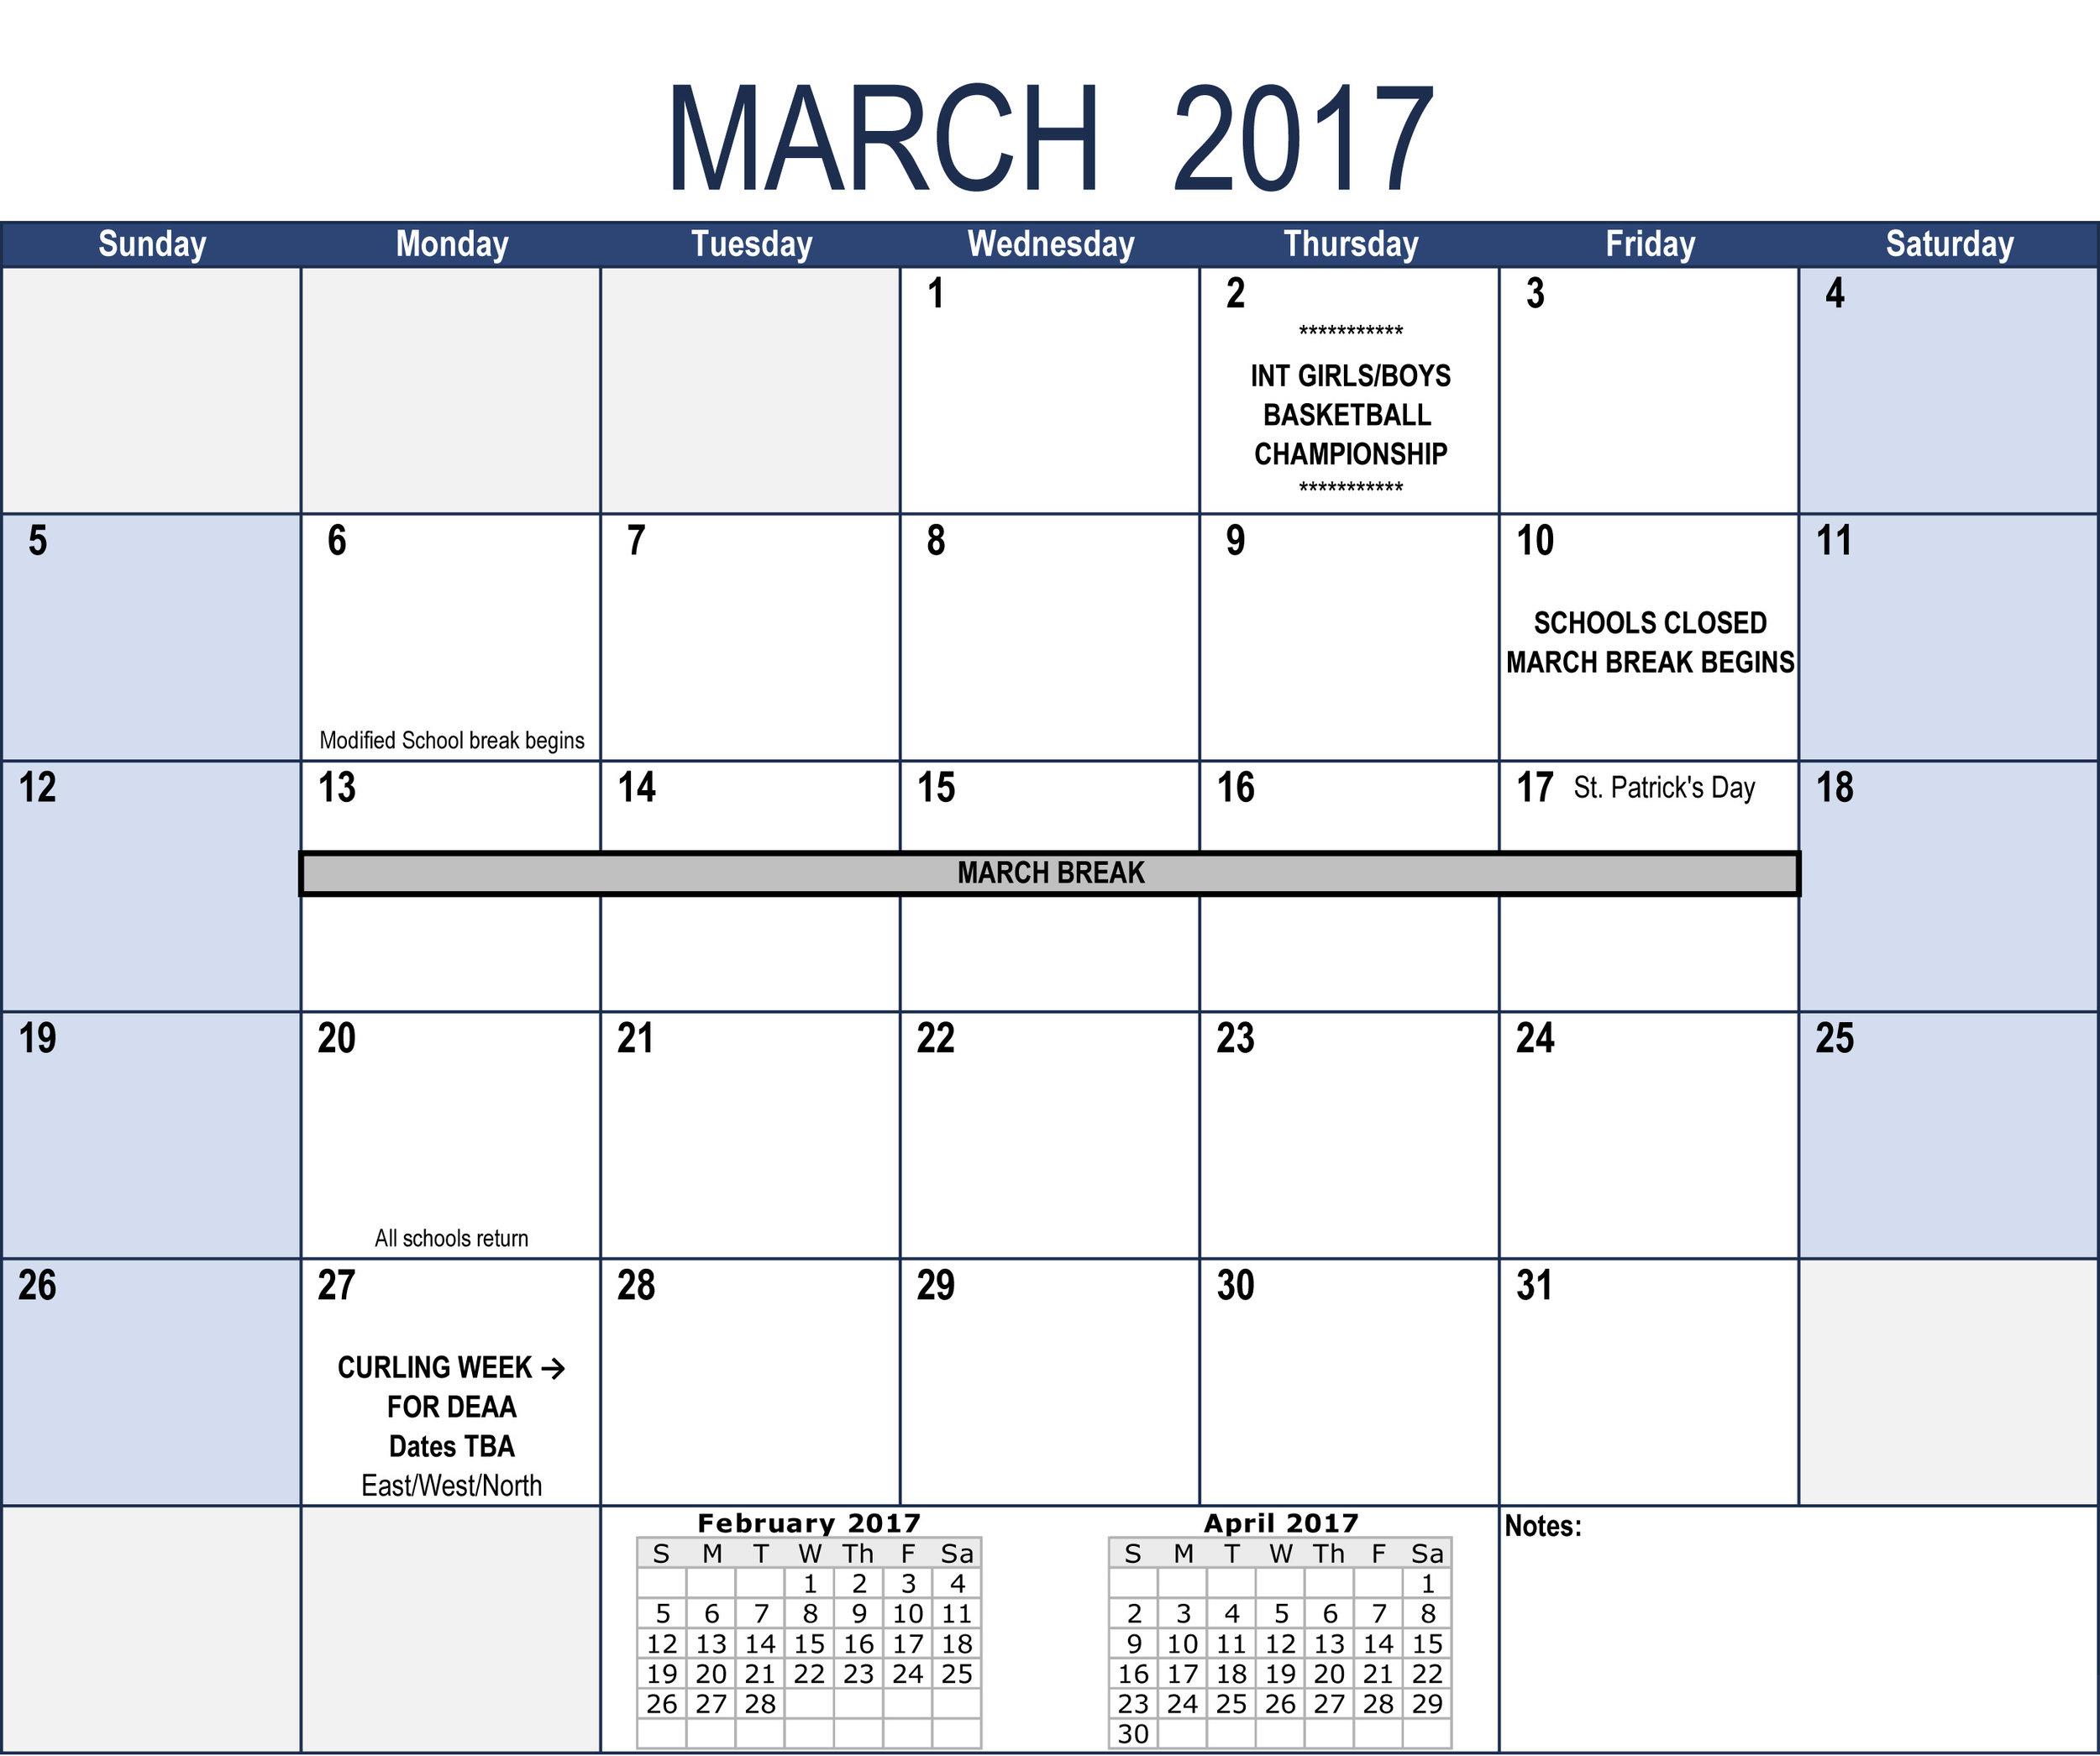 2016-2017-deaa-calendar-7.jpg